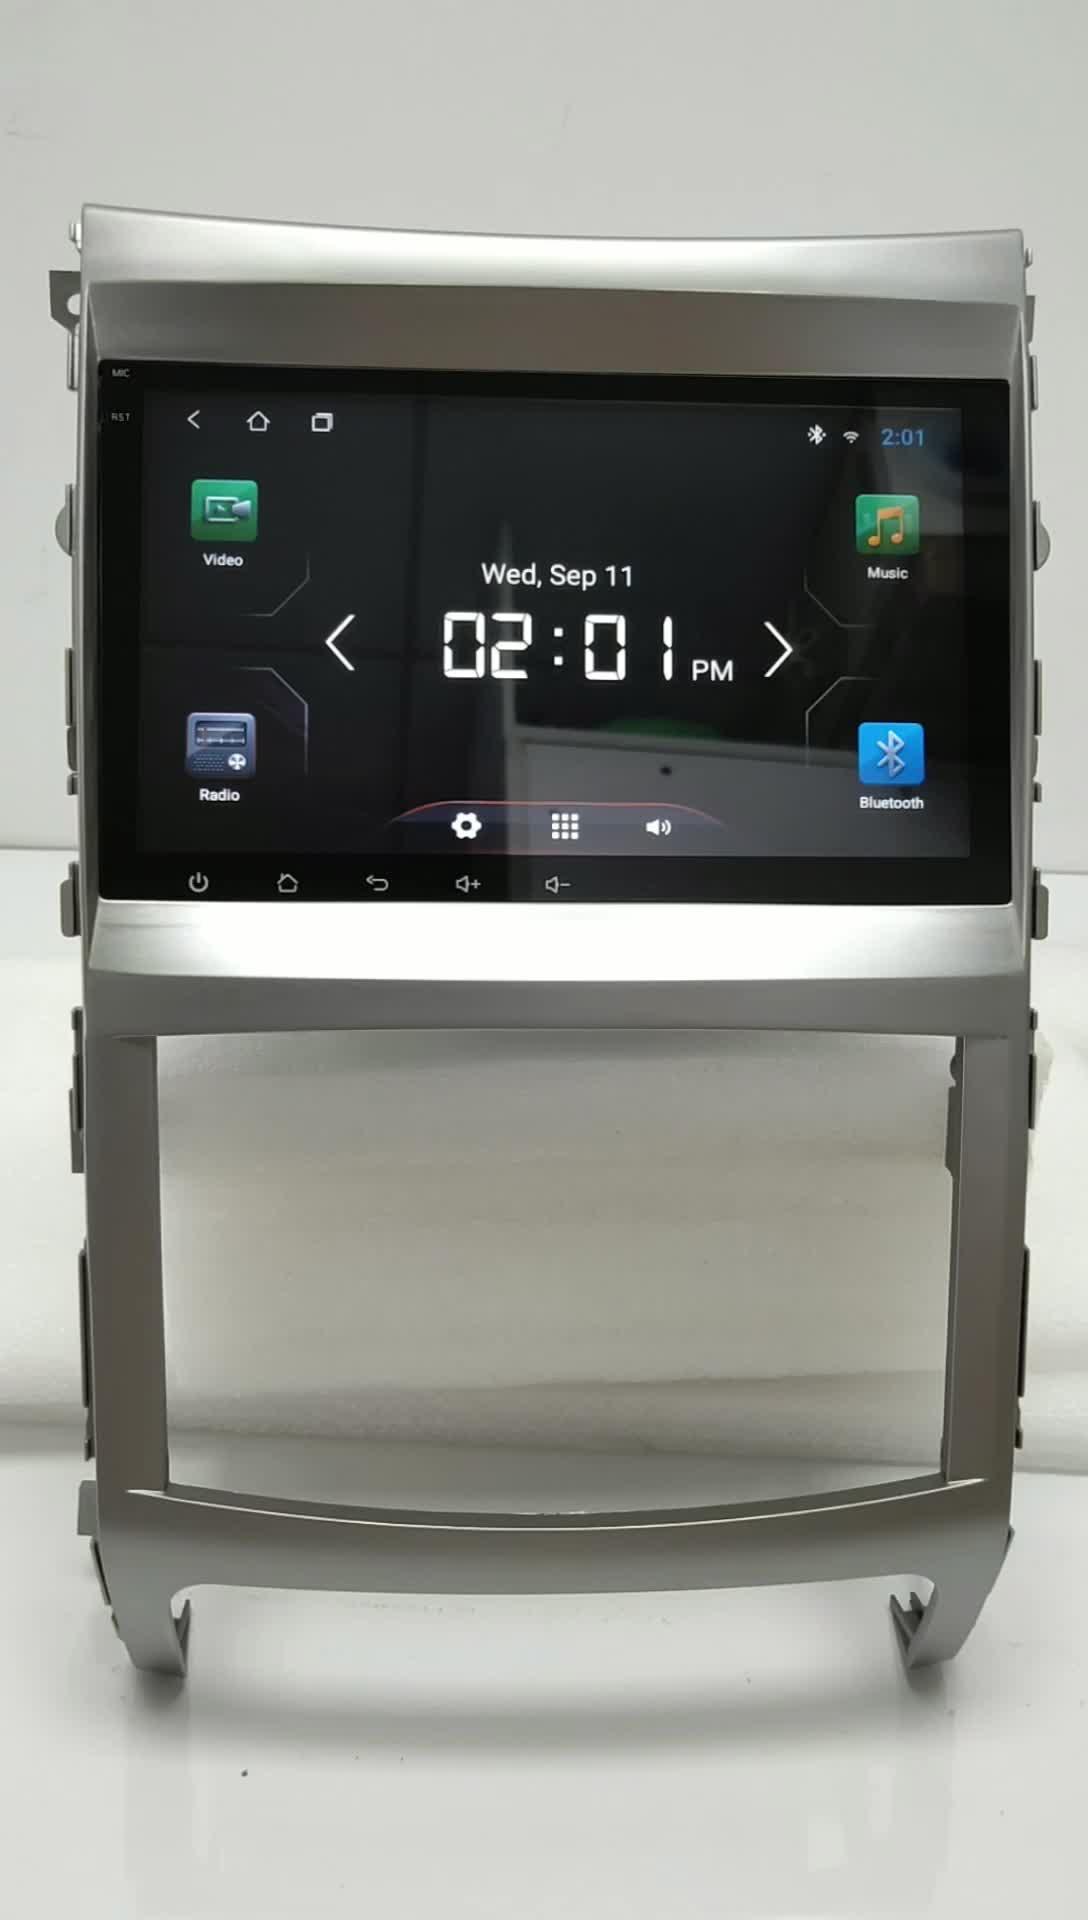 Capacitive touch screen car stereo Android 6.0 sistema de rádio de carro com gps para Hyundai ix55